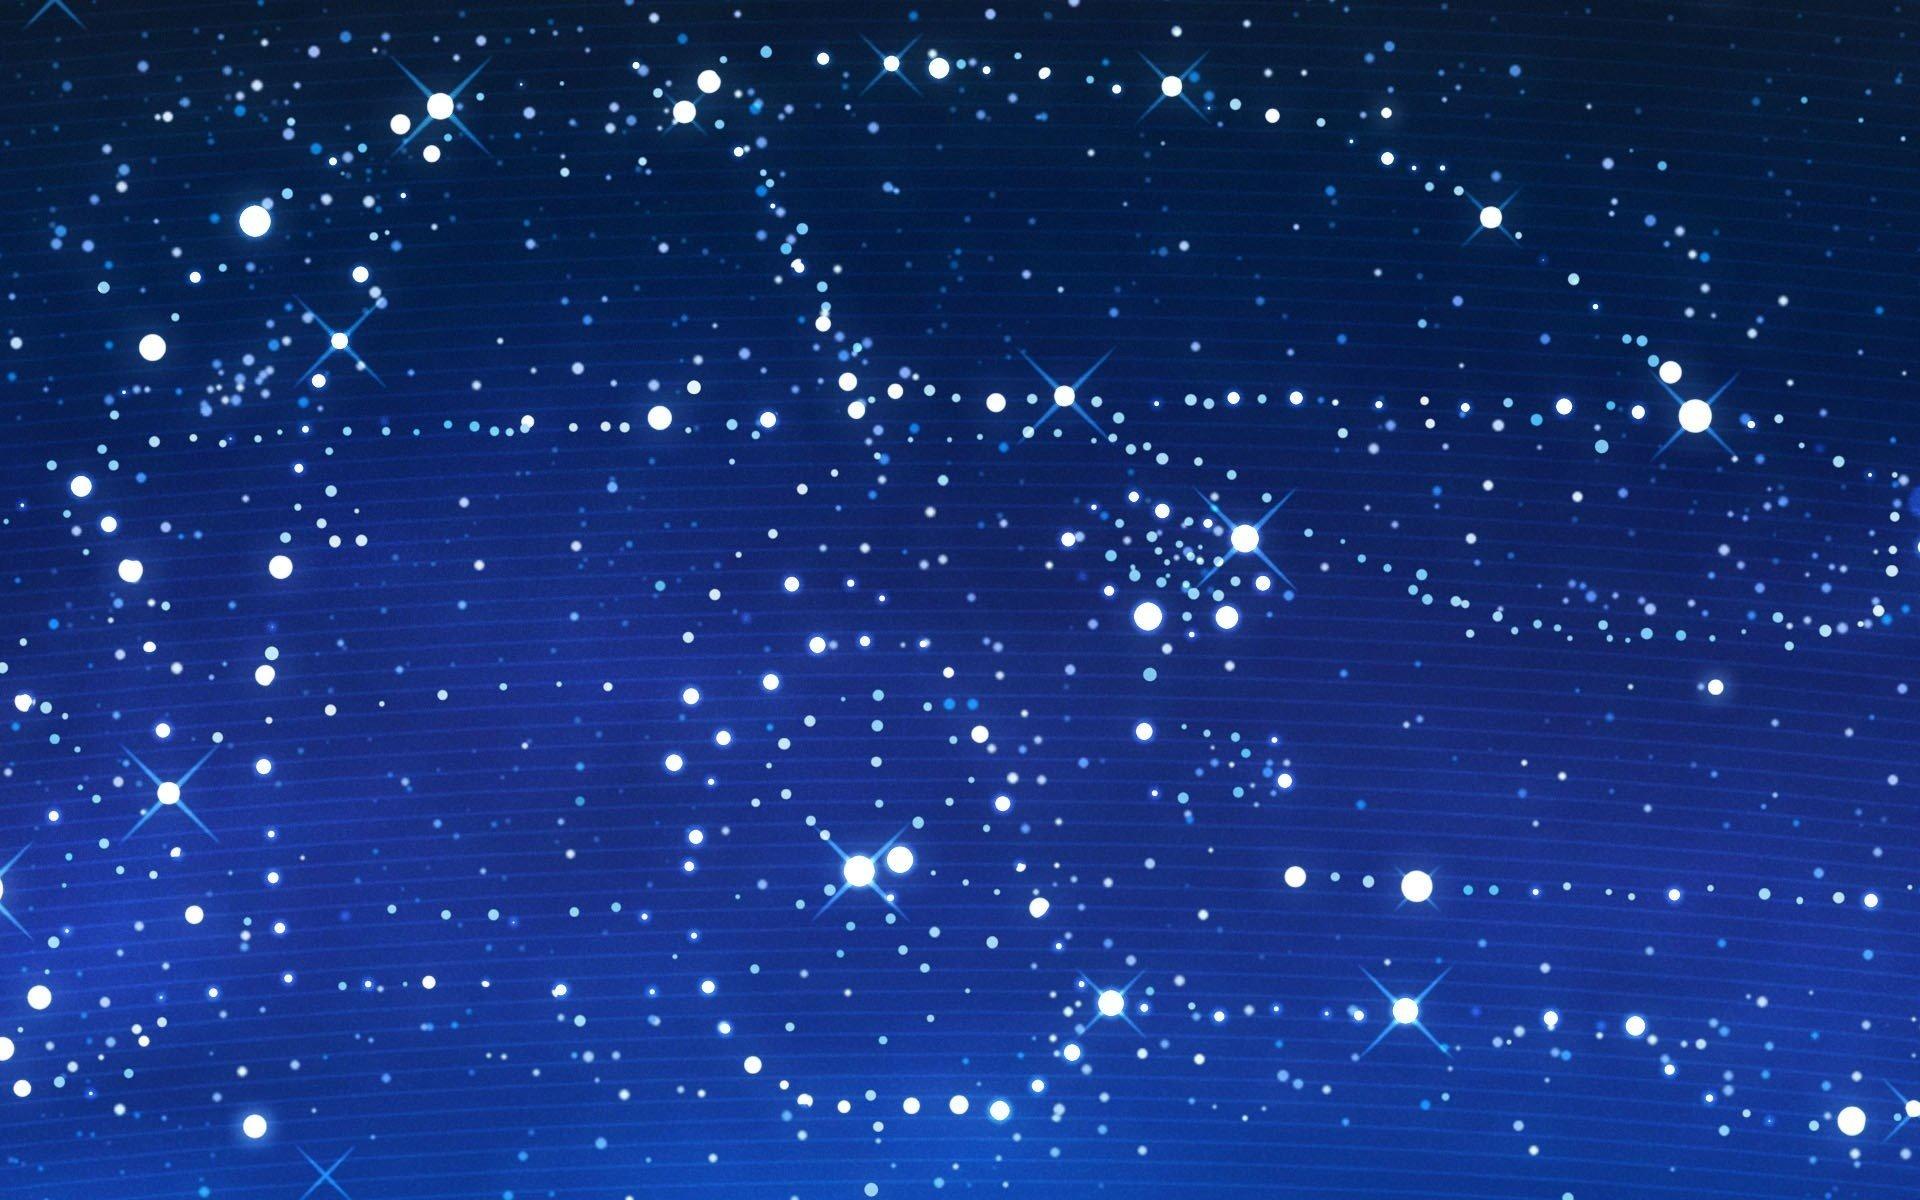 время фон неба со звездами император дает